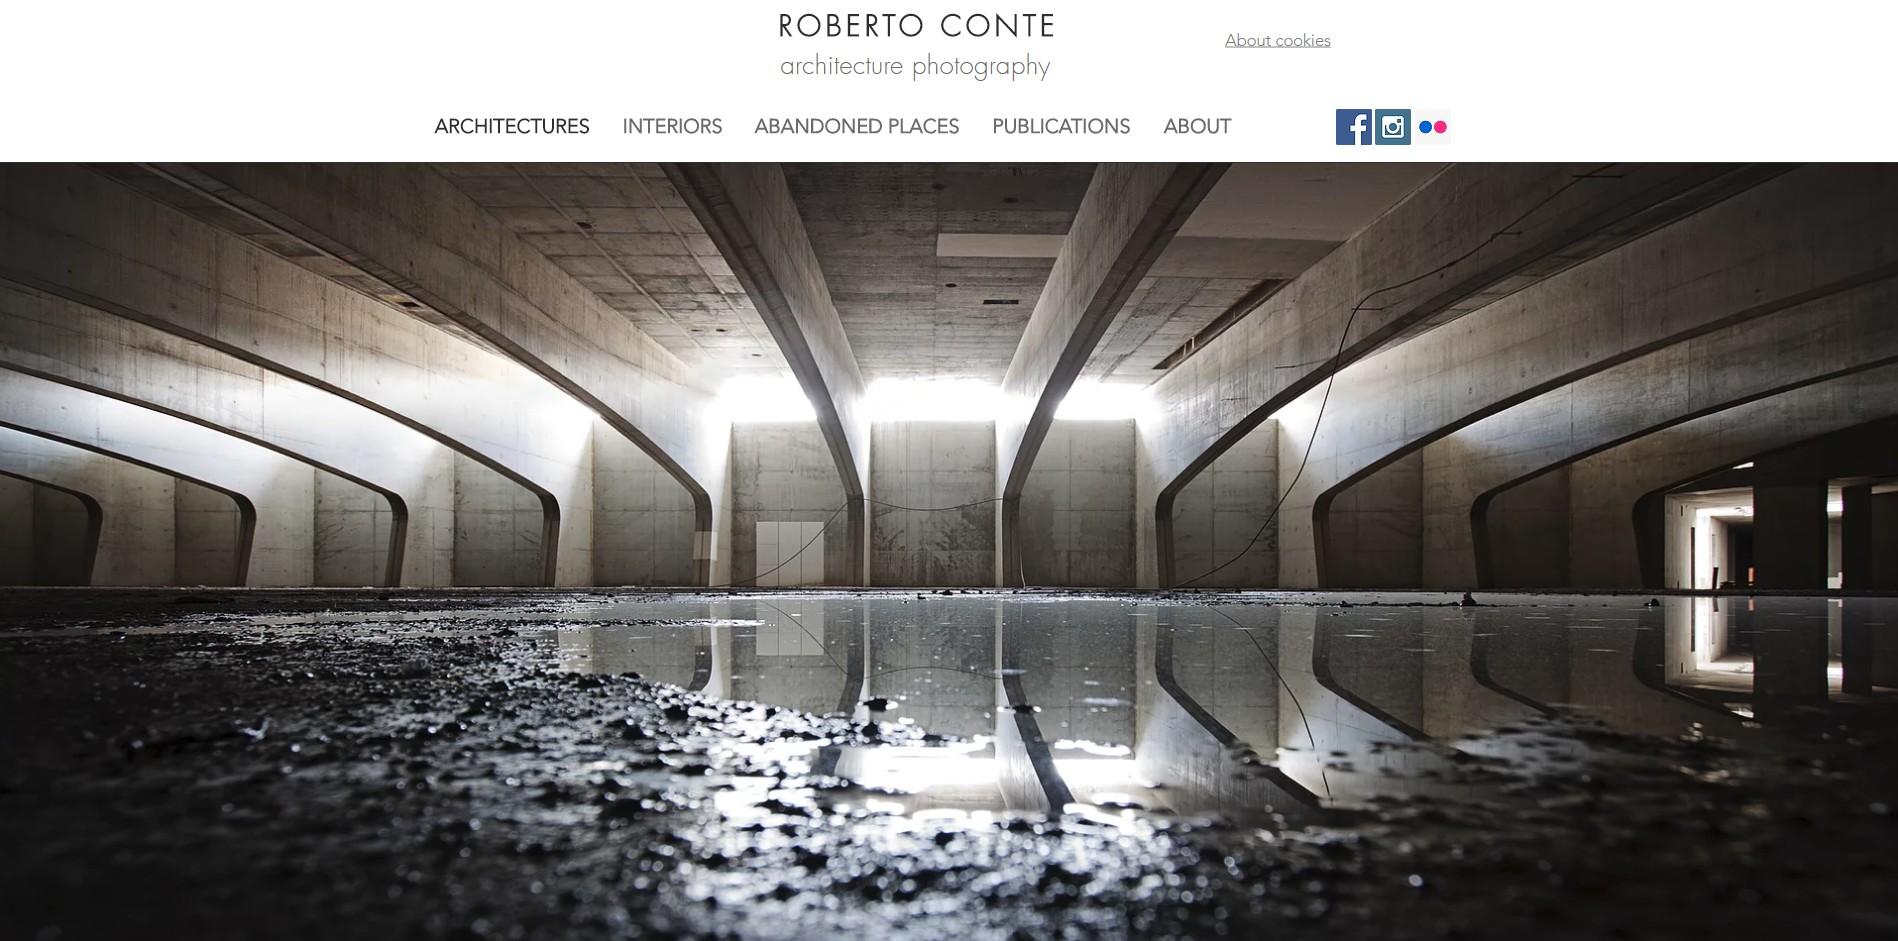 Roberto Conte Architecture Photography Fotografia Di Architettura - Architecture photography